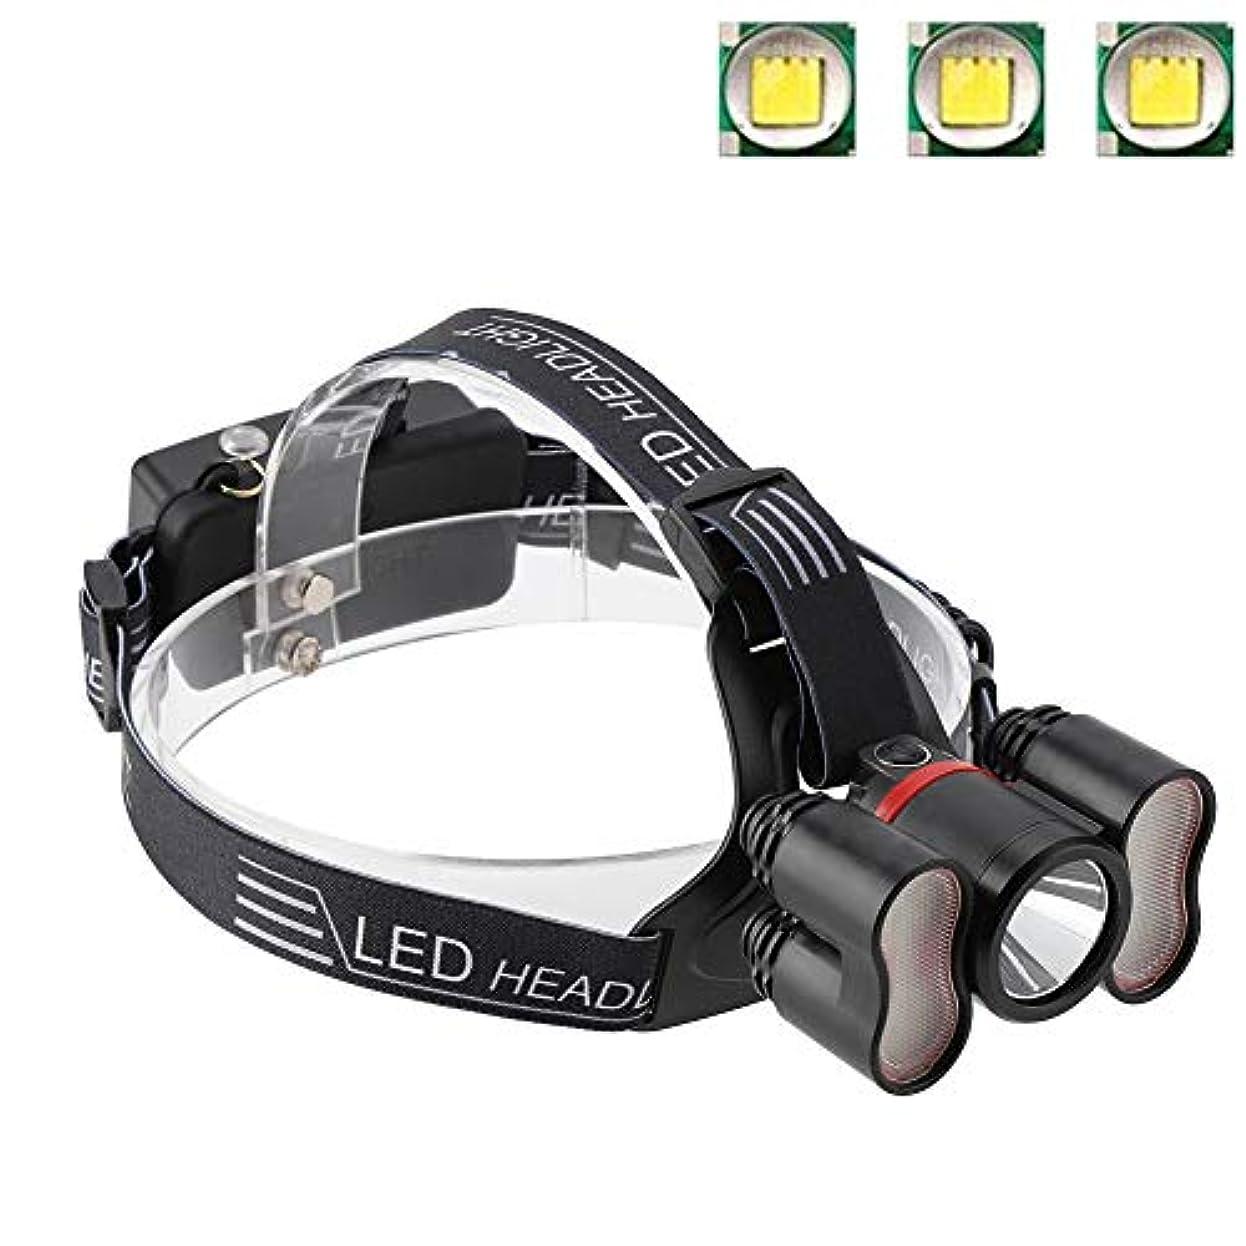 ラケット簡単に日曜日ヘッドライト懐中電灯、2000LMヘッドライト18650 LED USB充電式防水トラベルヘッドトーチキャンプランプランニングハイキング釣りに適して(#1)